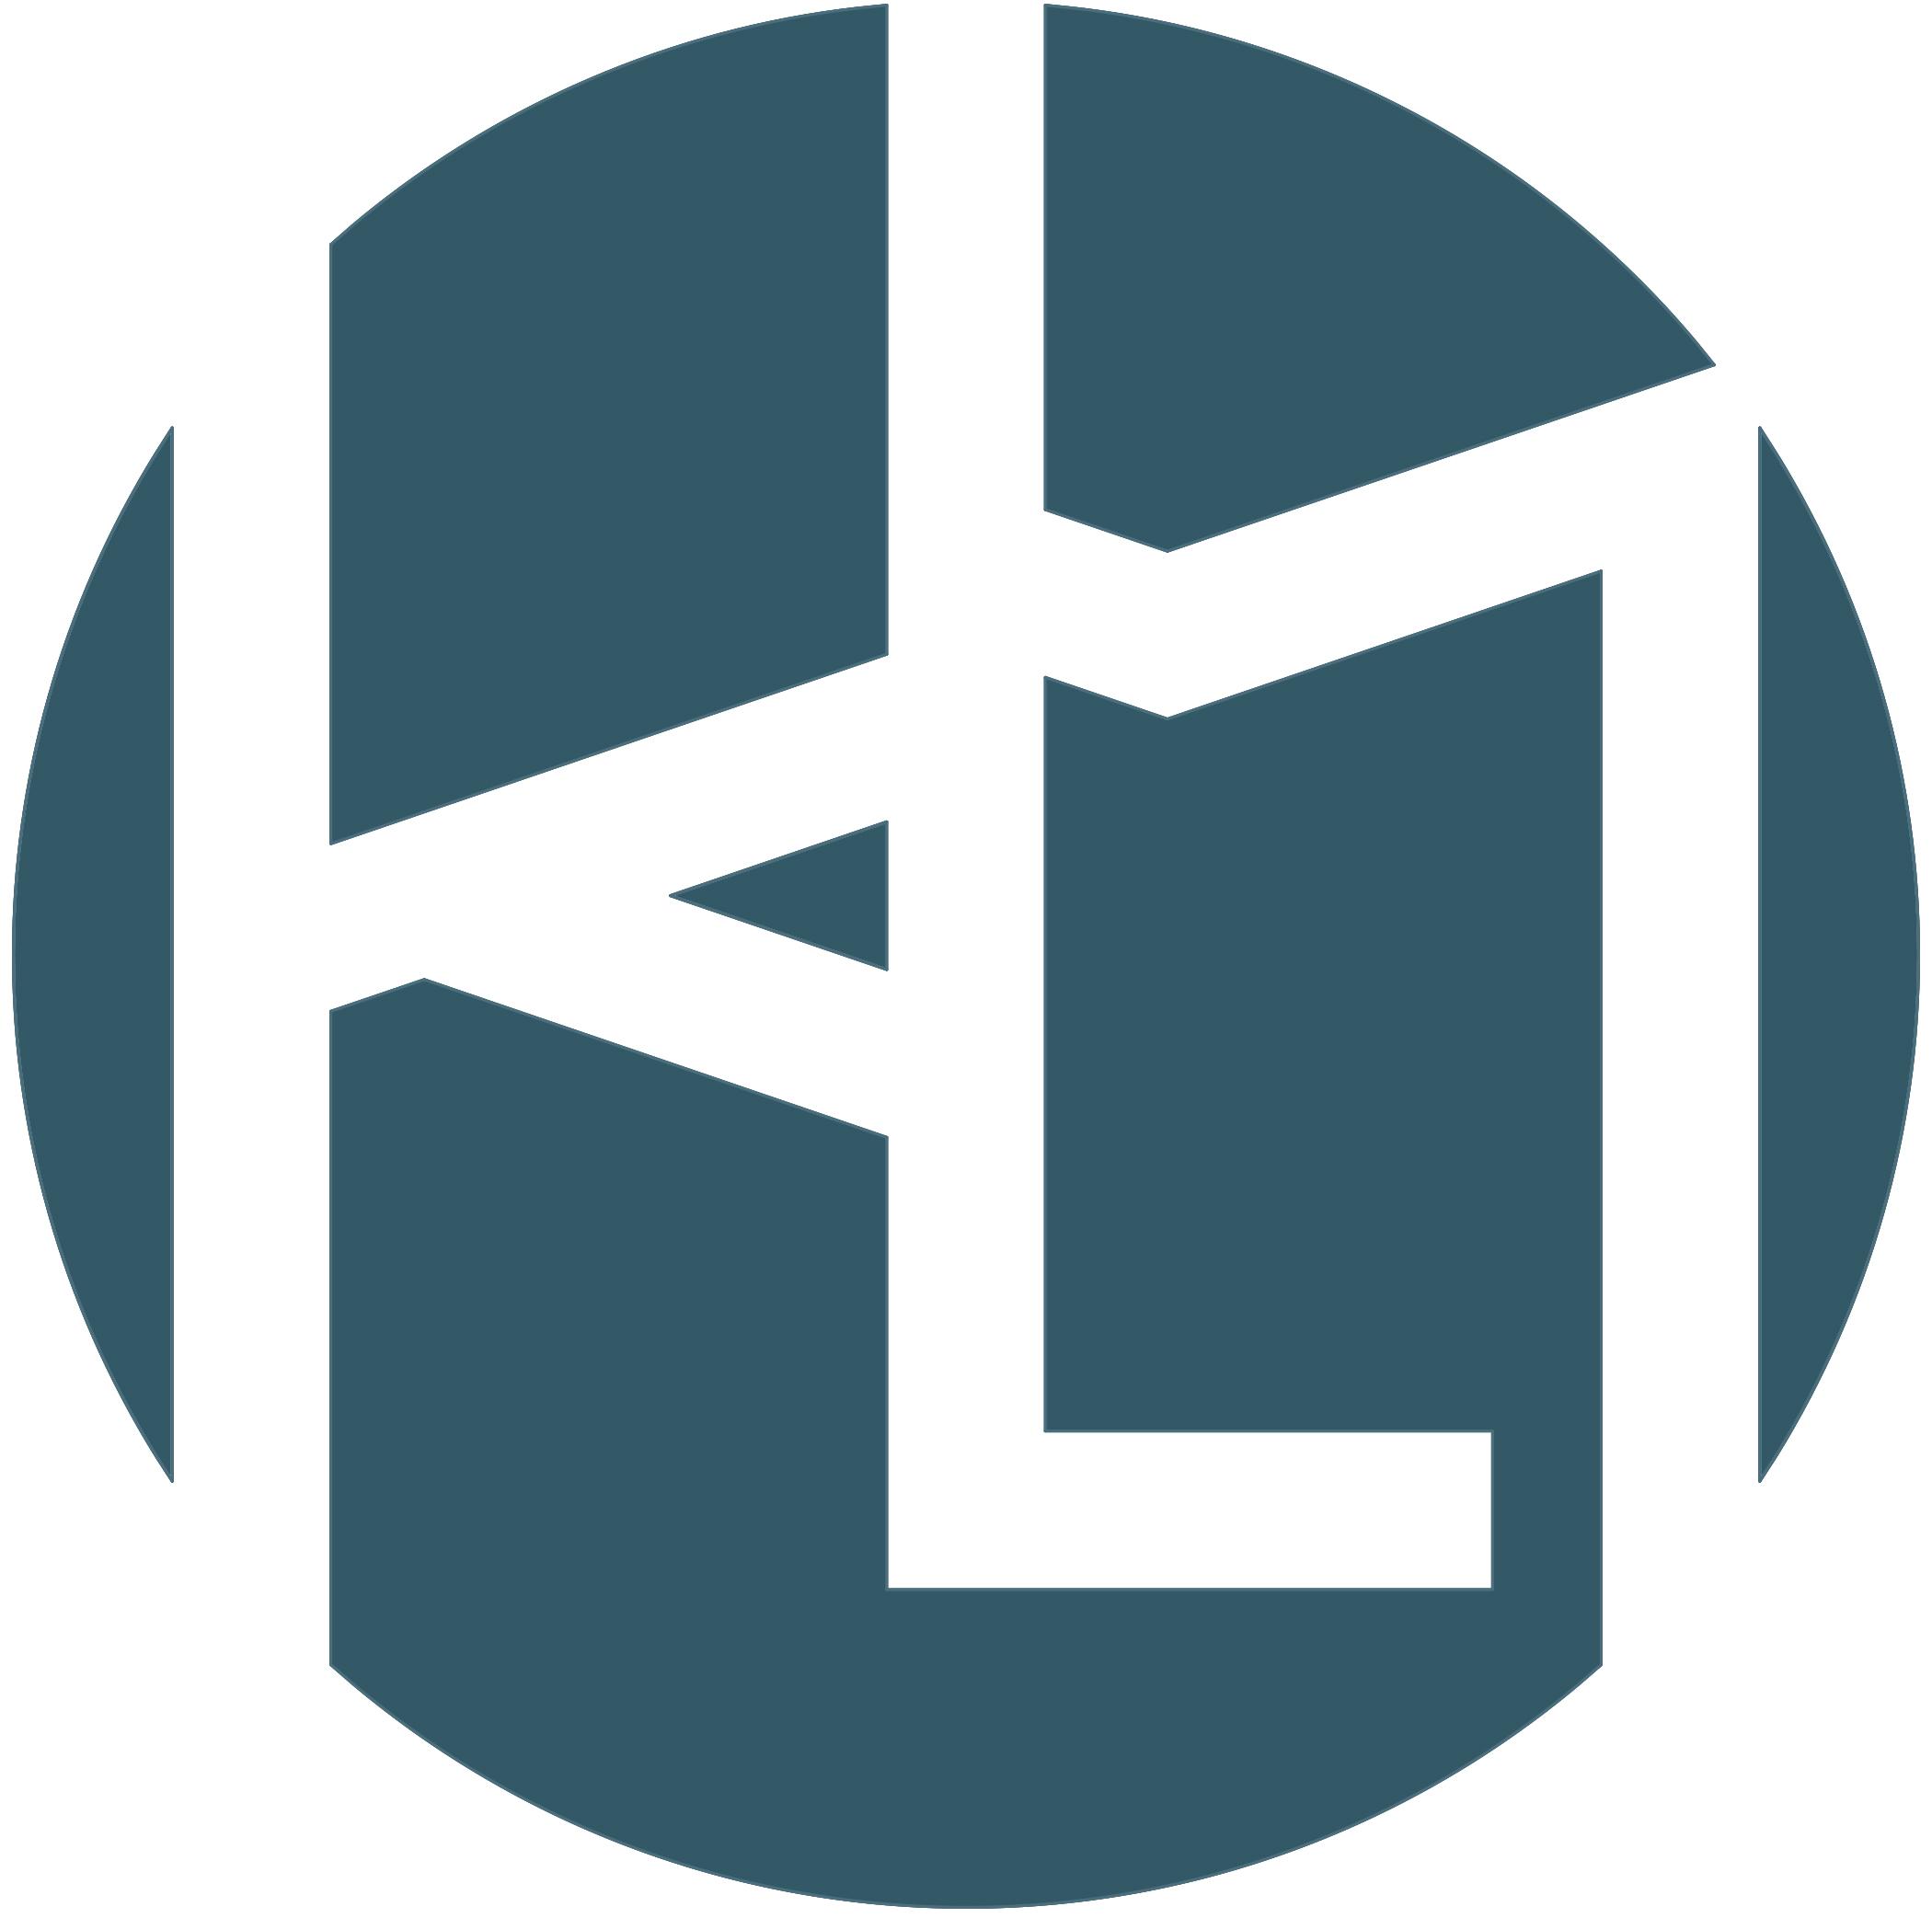 logo_slate_51_88_102.jpg